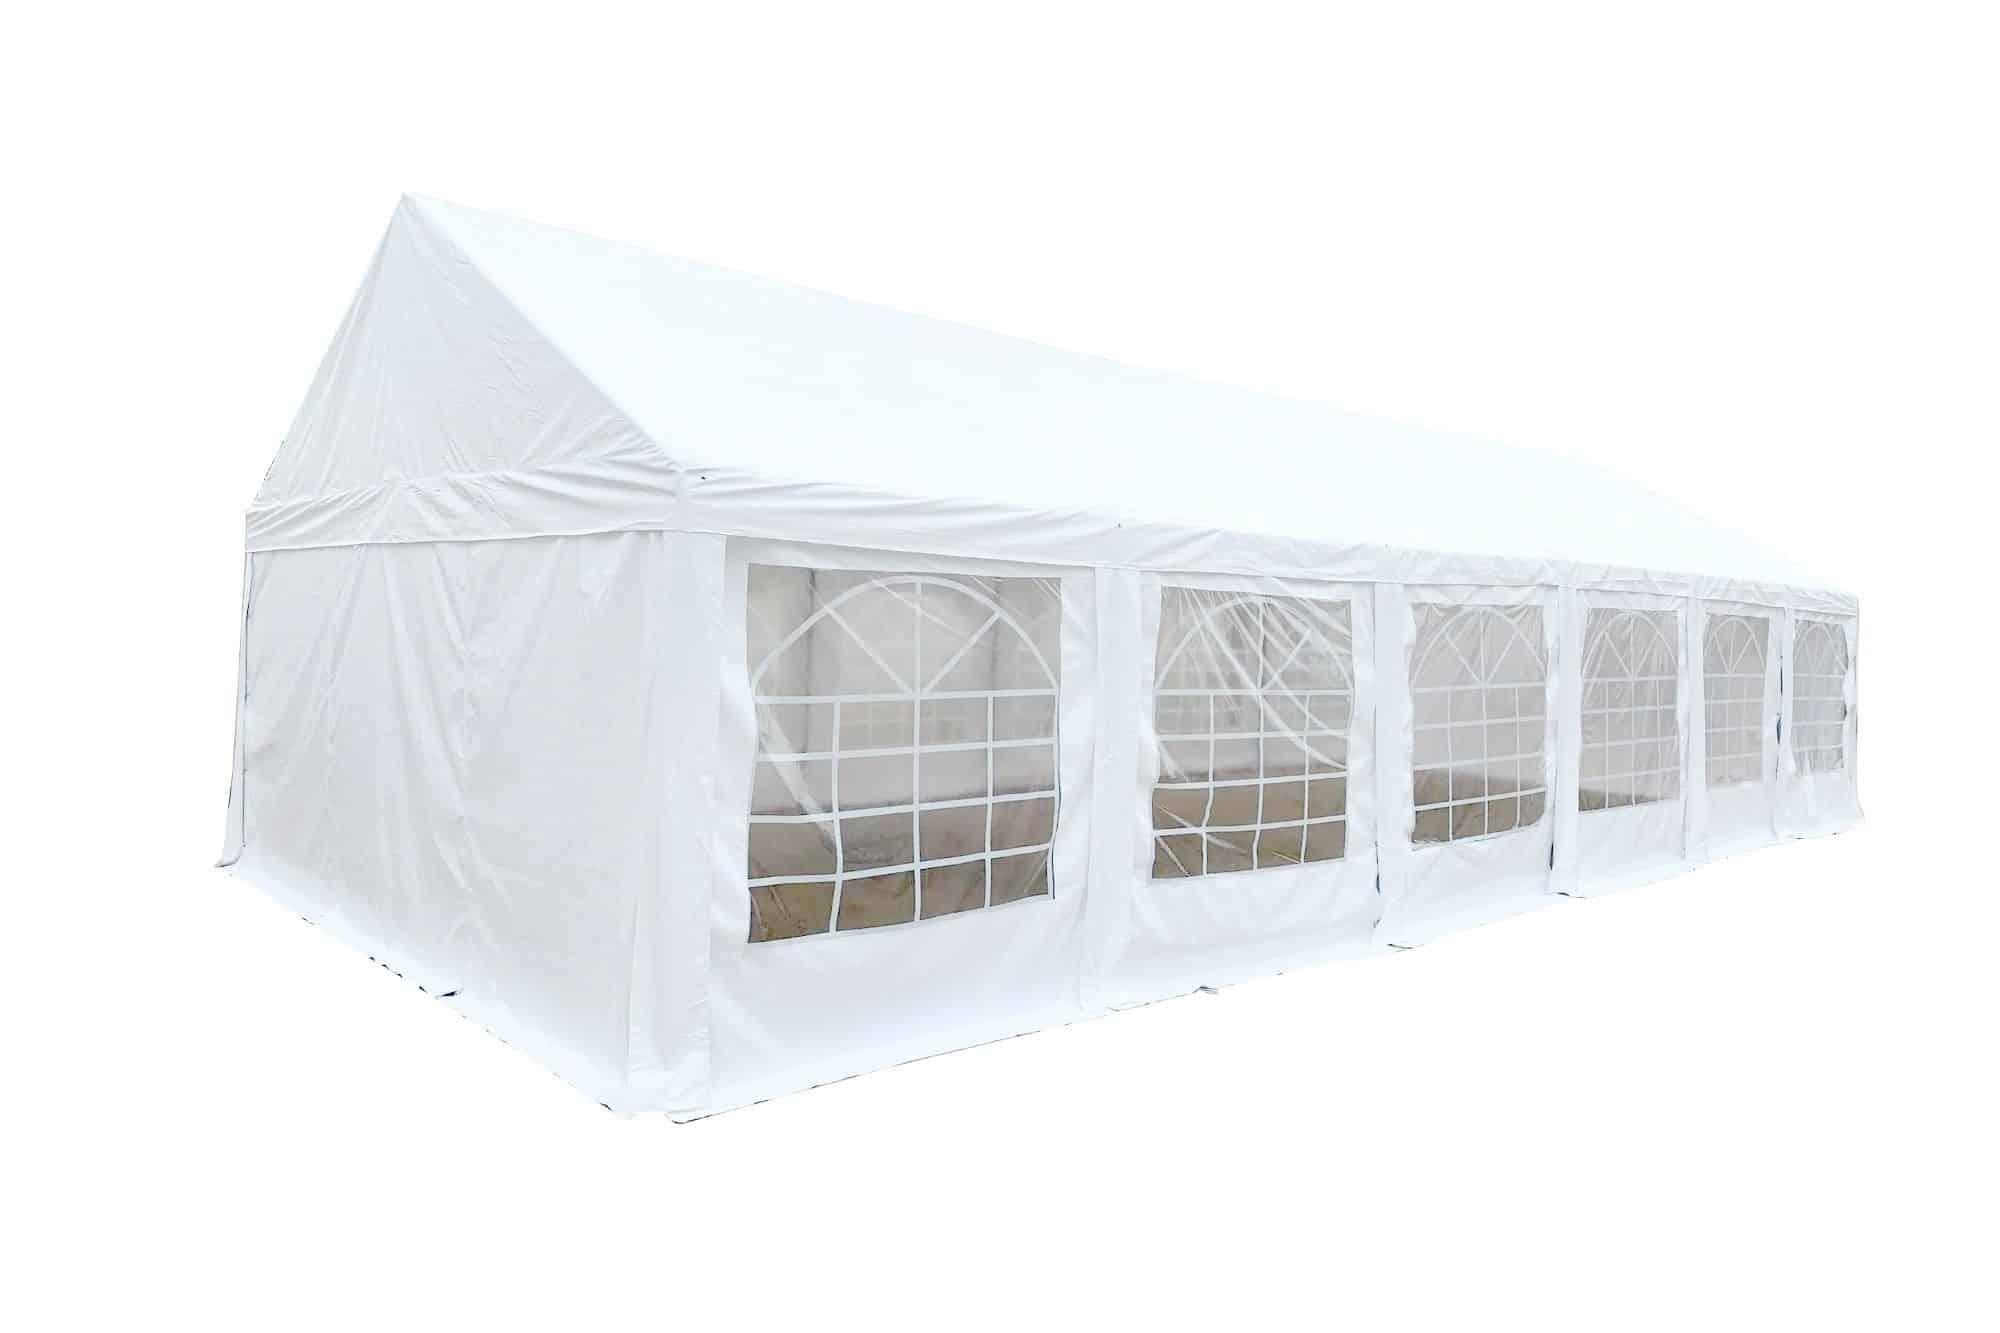 אוהל Premium חסין אש בגודל 5X8  מטר